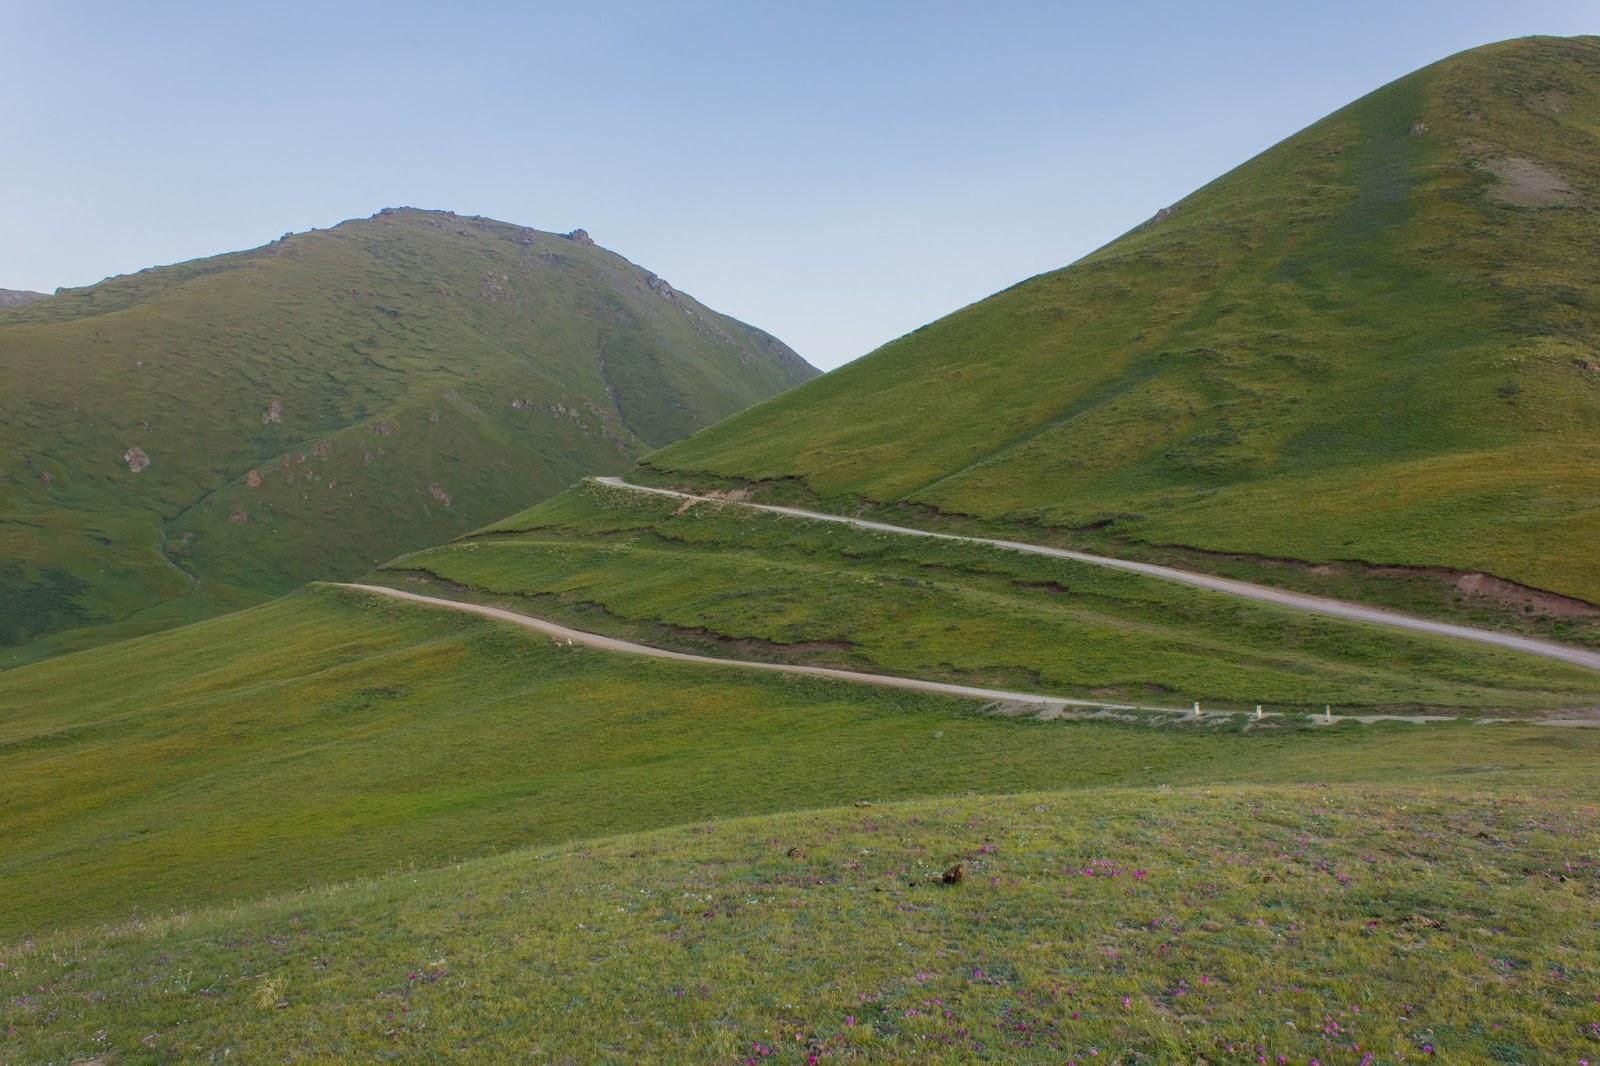 Кыргызские горы, Сон-куль, Серпантин, дорога